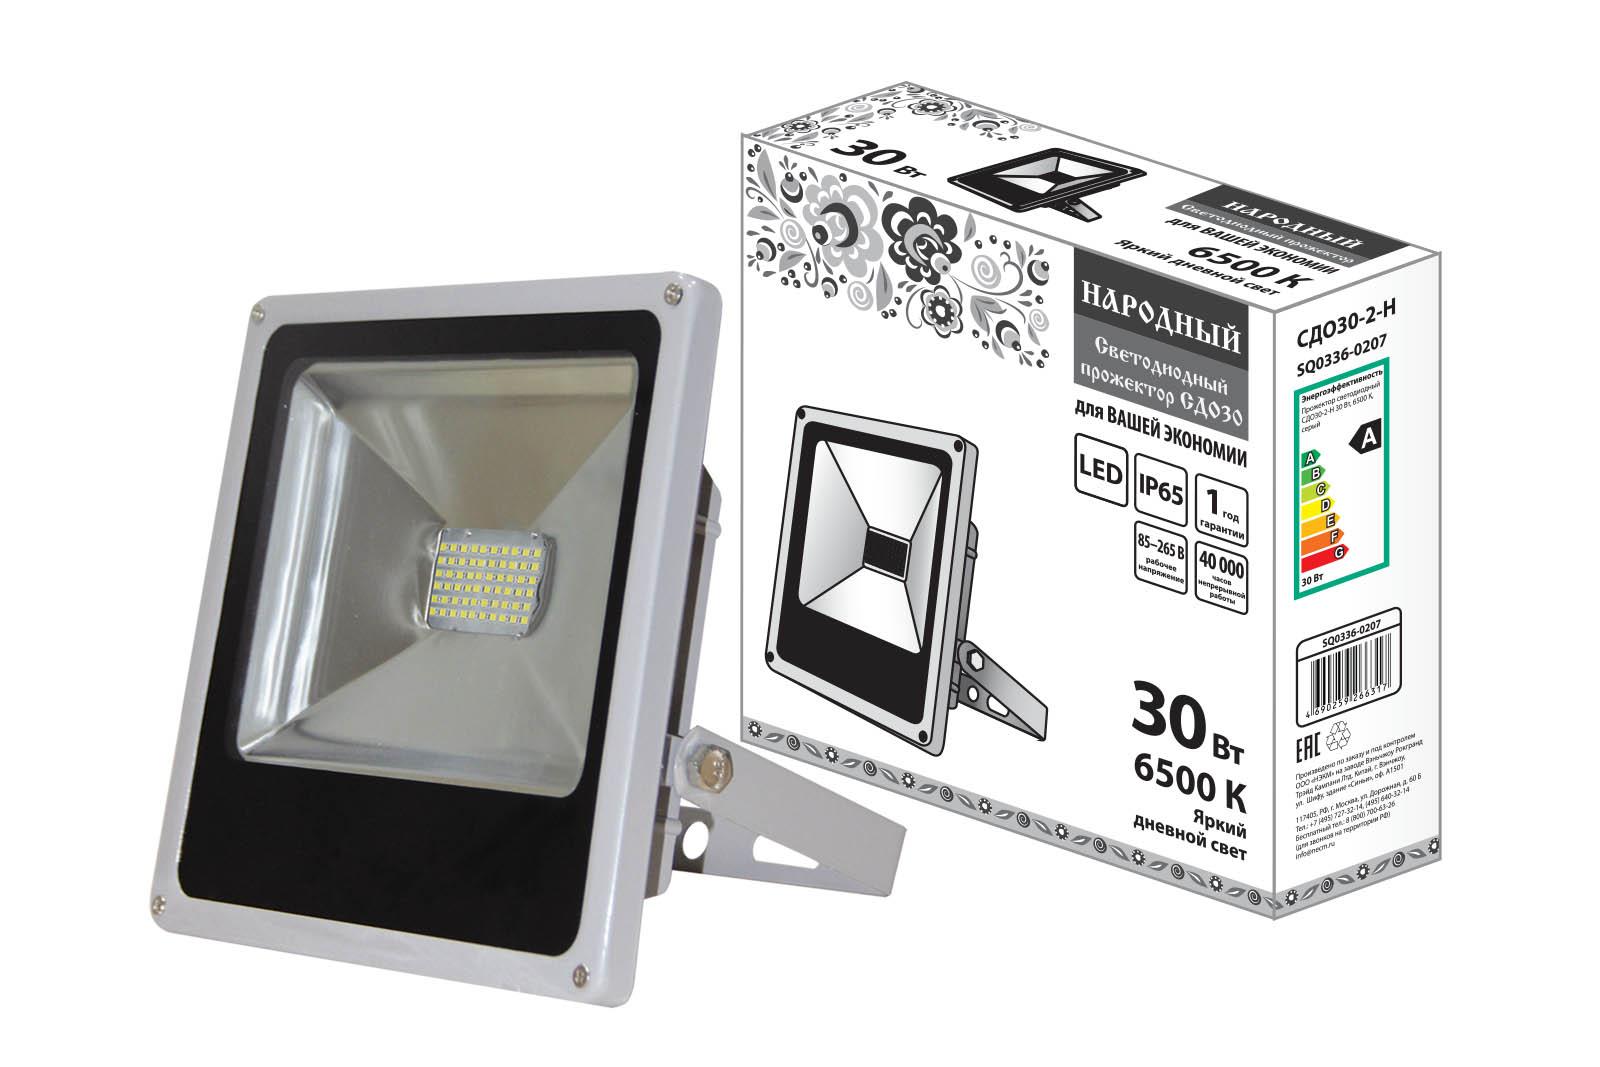 Фото Прожектор светодиодный СДО30-2-Н 30 Вт, 6500 К, серый {SQ0336-0207}